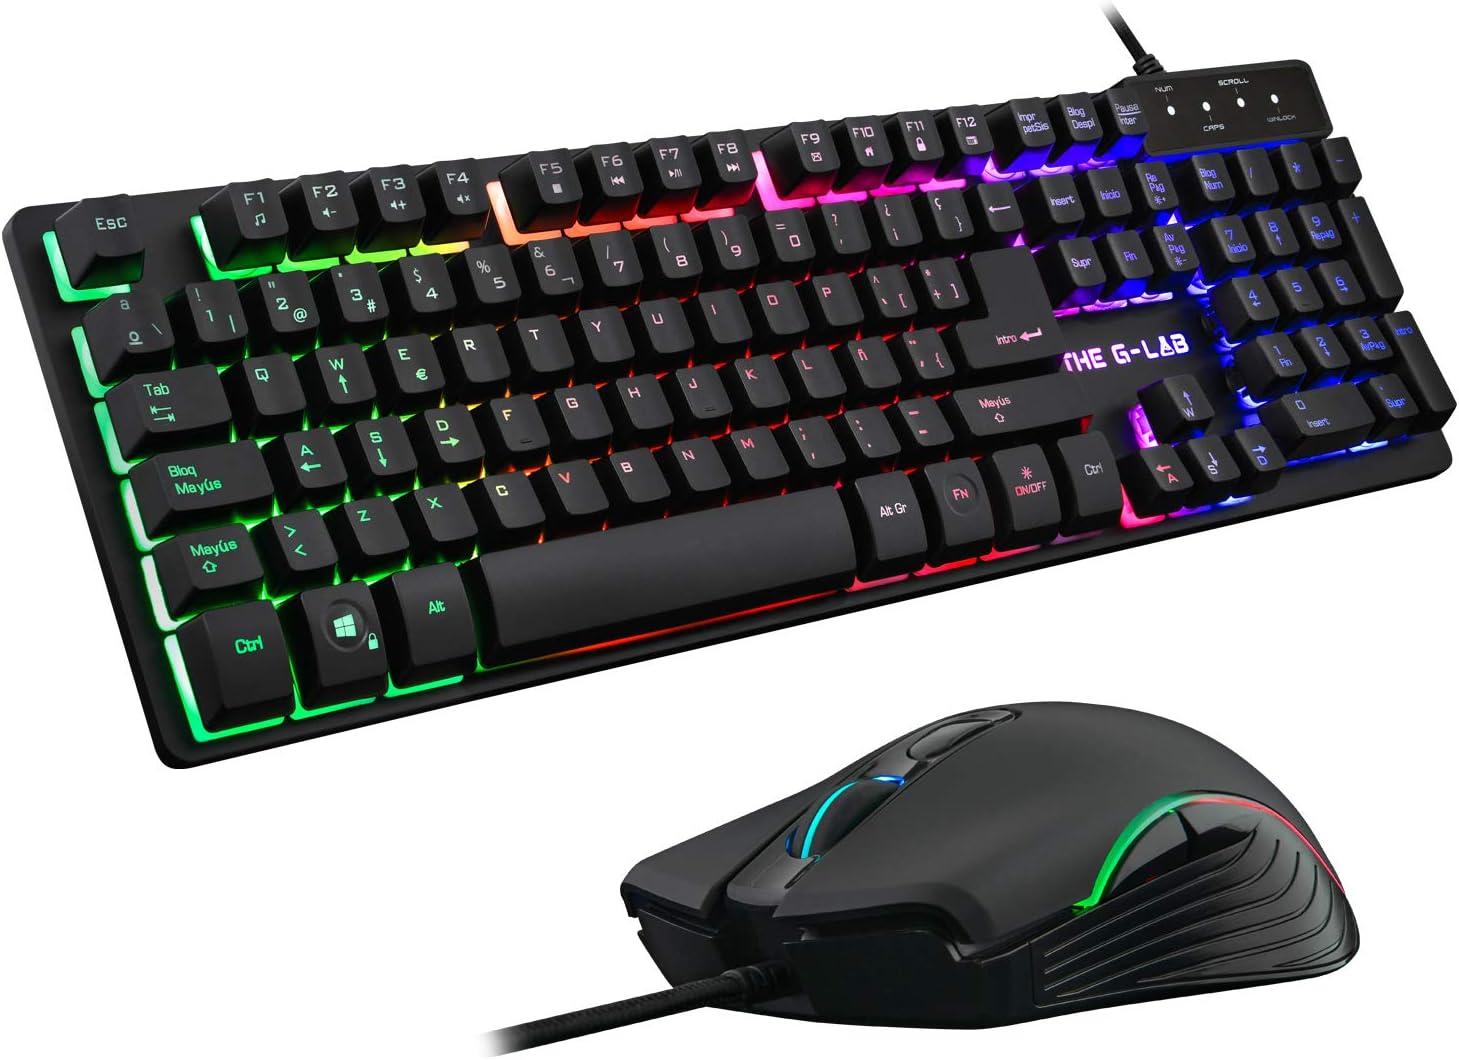 THE G-LAB Combo KRYPTON Pack de Teclado Gaming USB y Ratón Multicolor Retroiluminación – Teclado Gaming QWERTY - Incluye Ñ - Anti-Ghosting + Ratón Gaming 6 Botones 3200 DPI – PC PS4